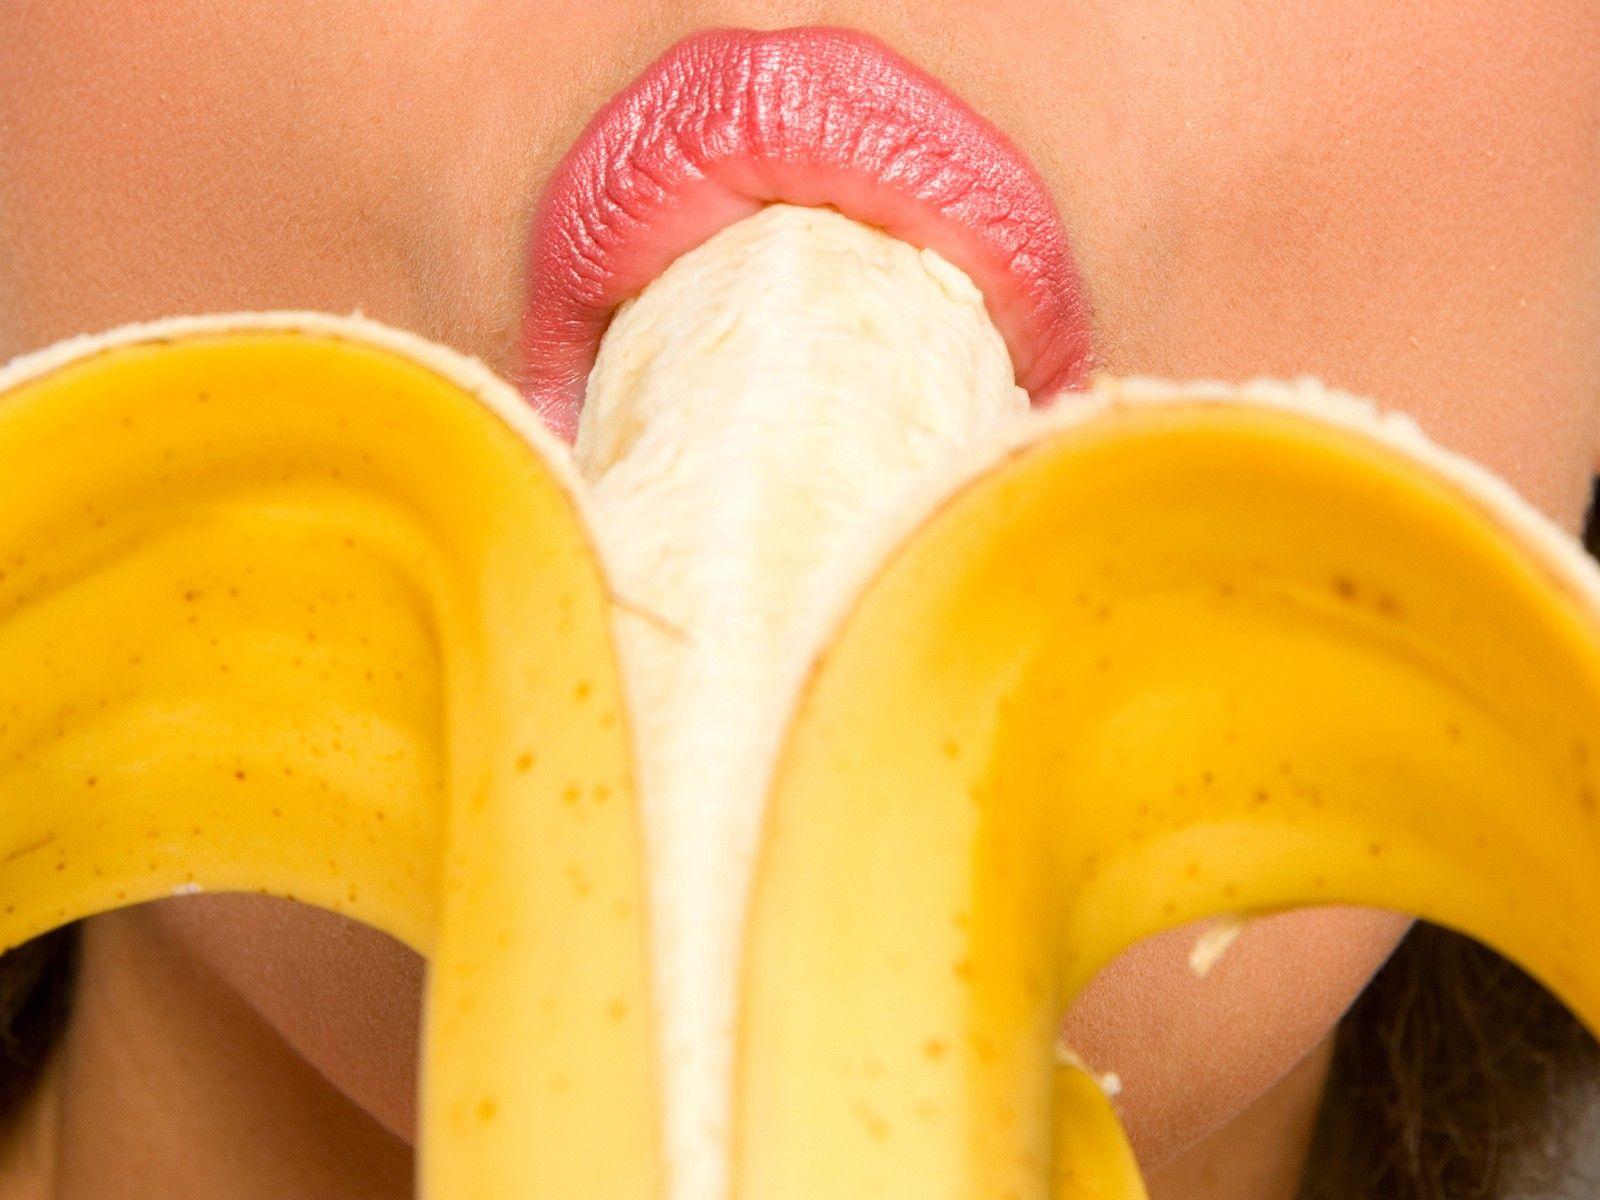 хотел поскорей извращенец бананом без кожуры трахает в задницу девушку новой